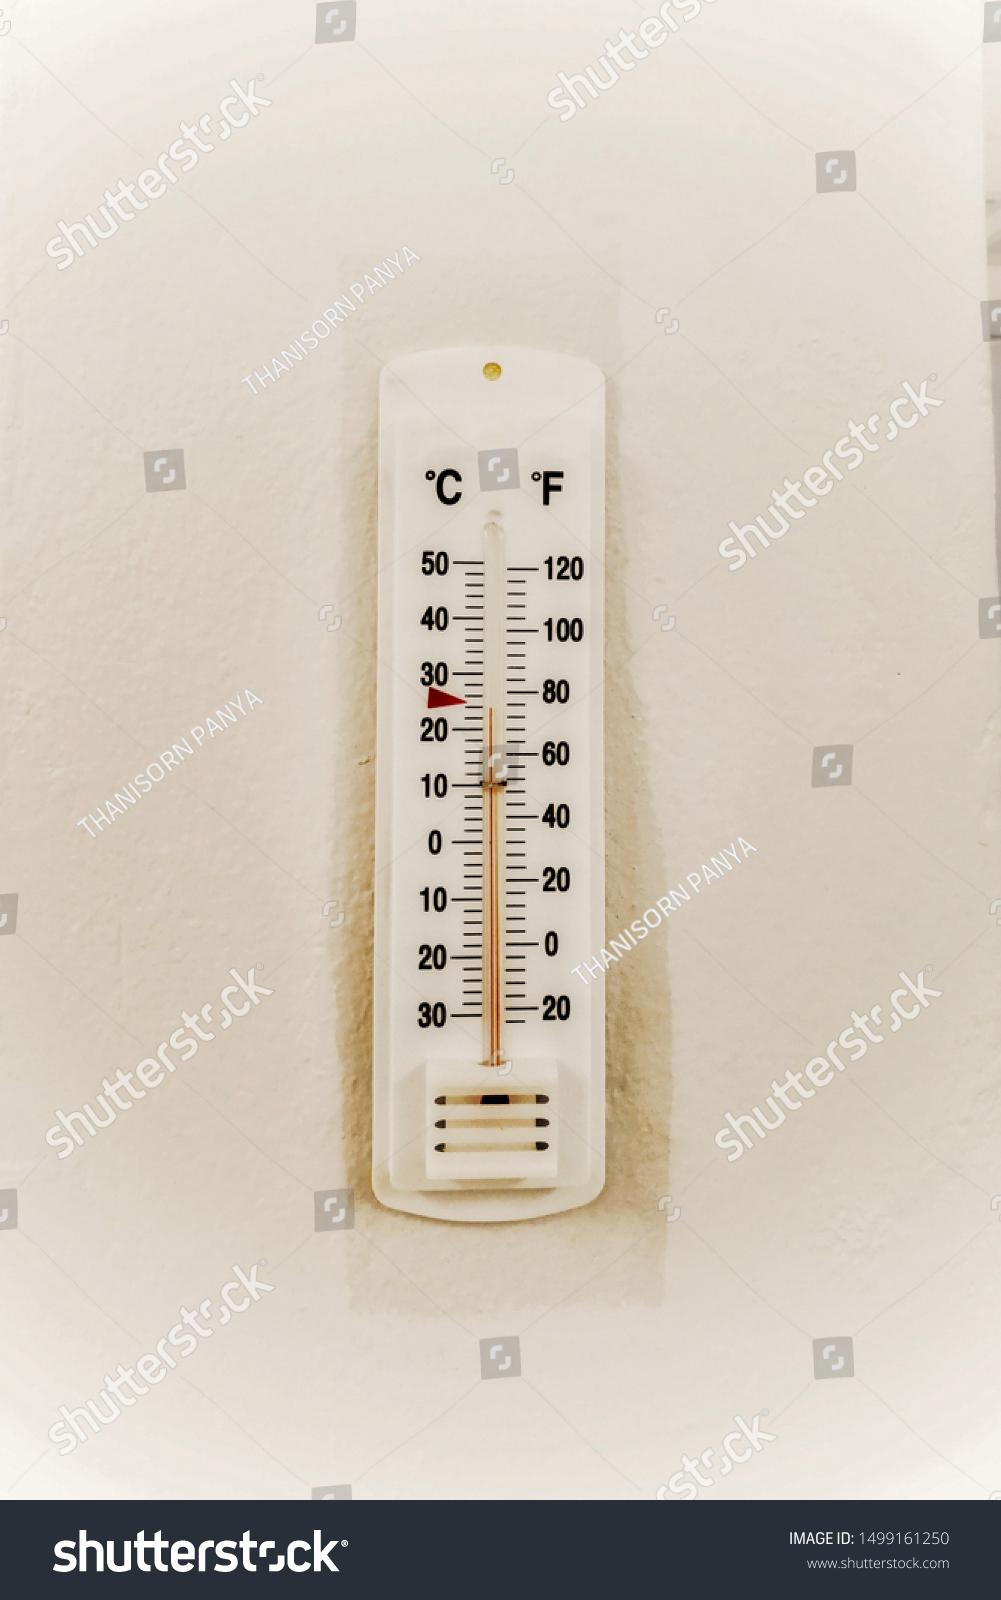 25 celsius in fahrenheit